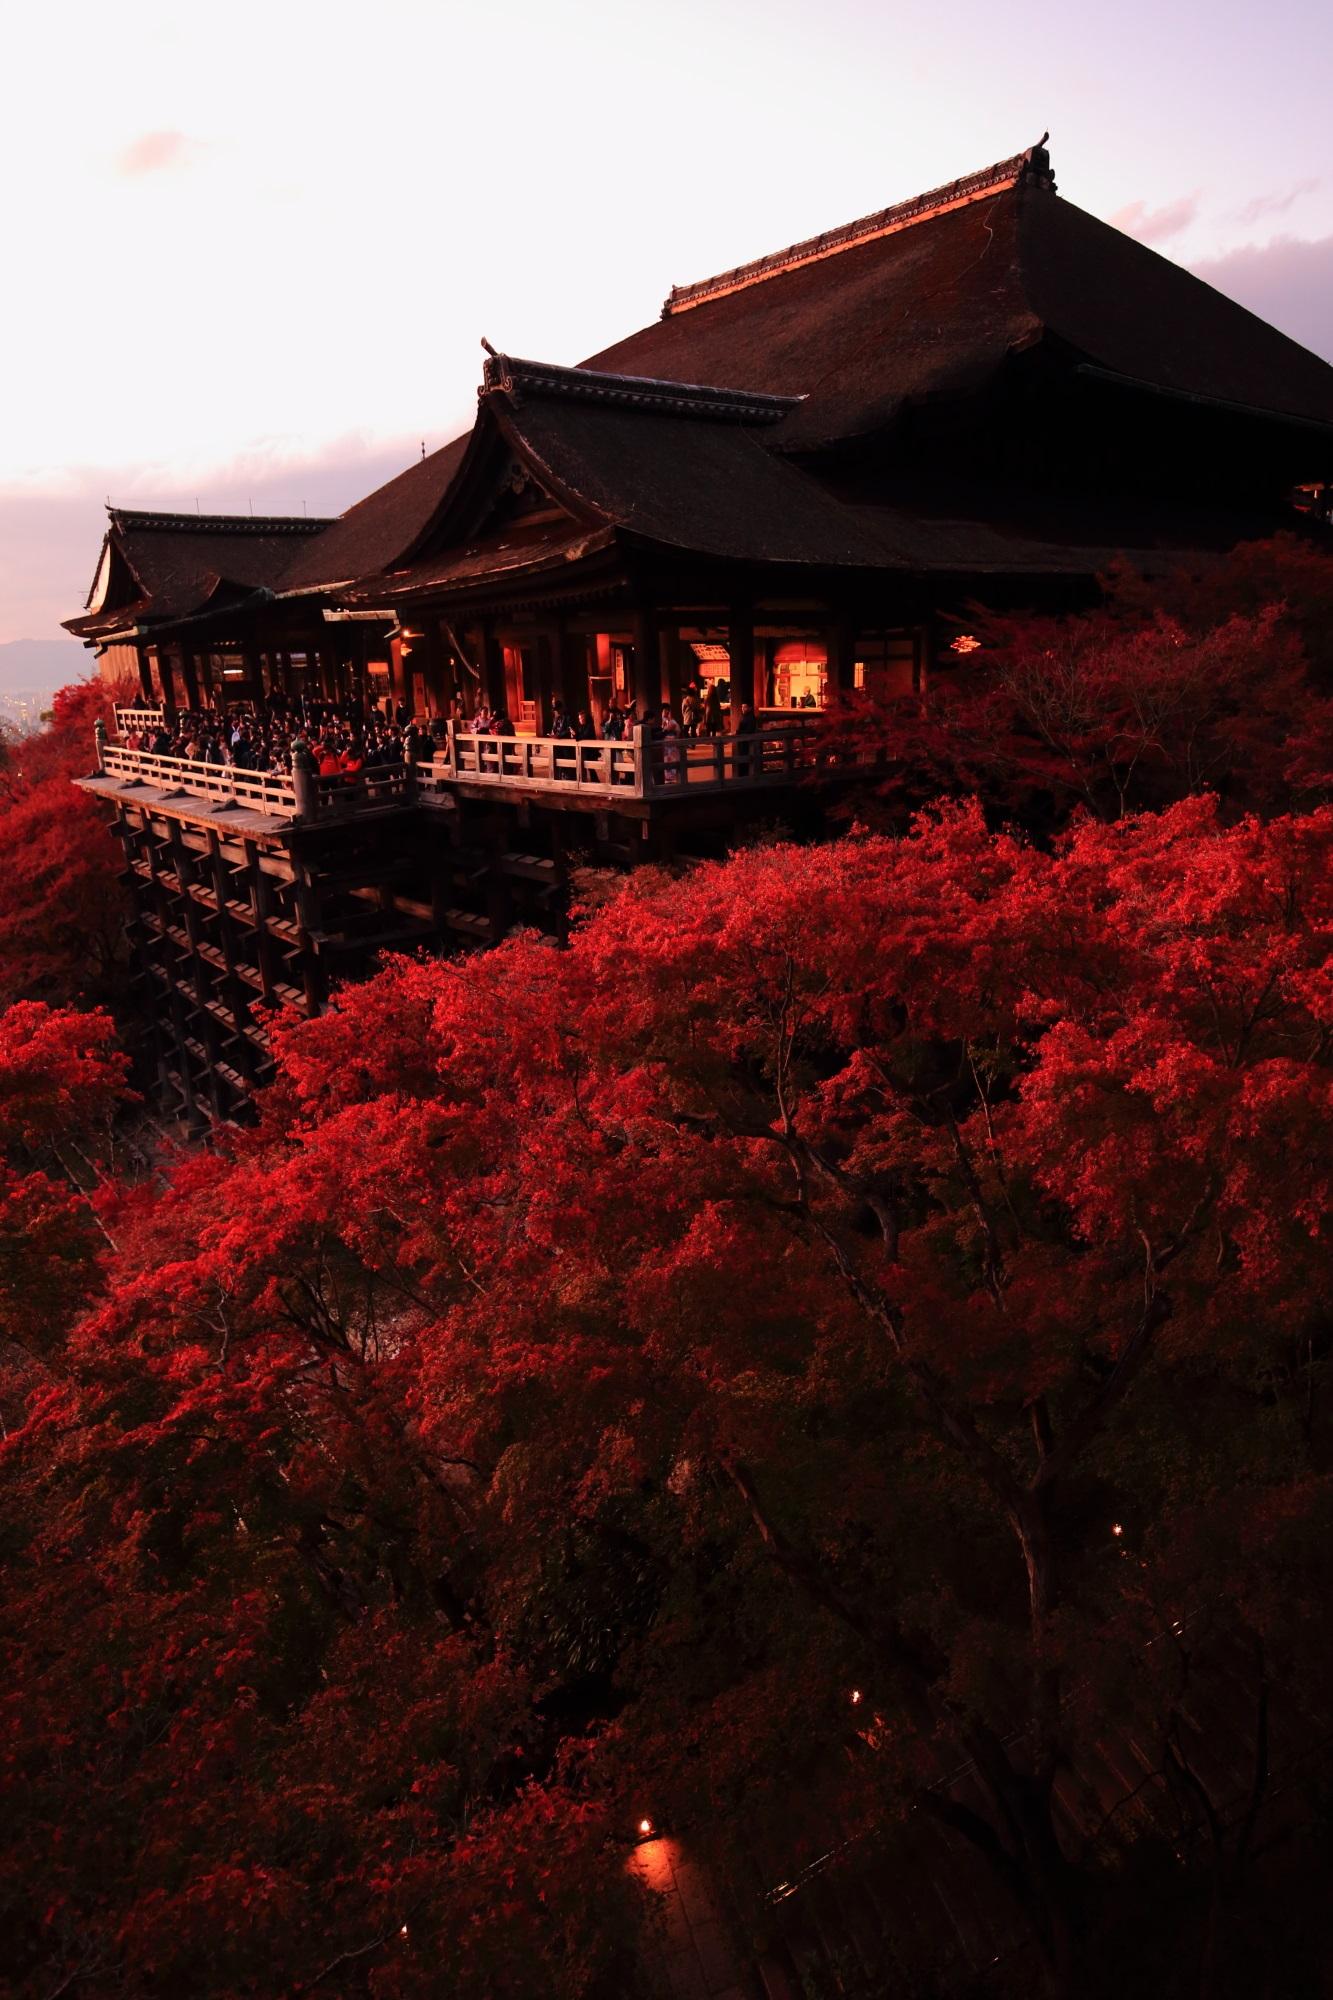 夕焼けと紅葉で赤く染まった清水寺の清水の舞台